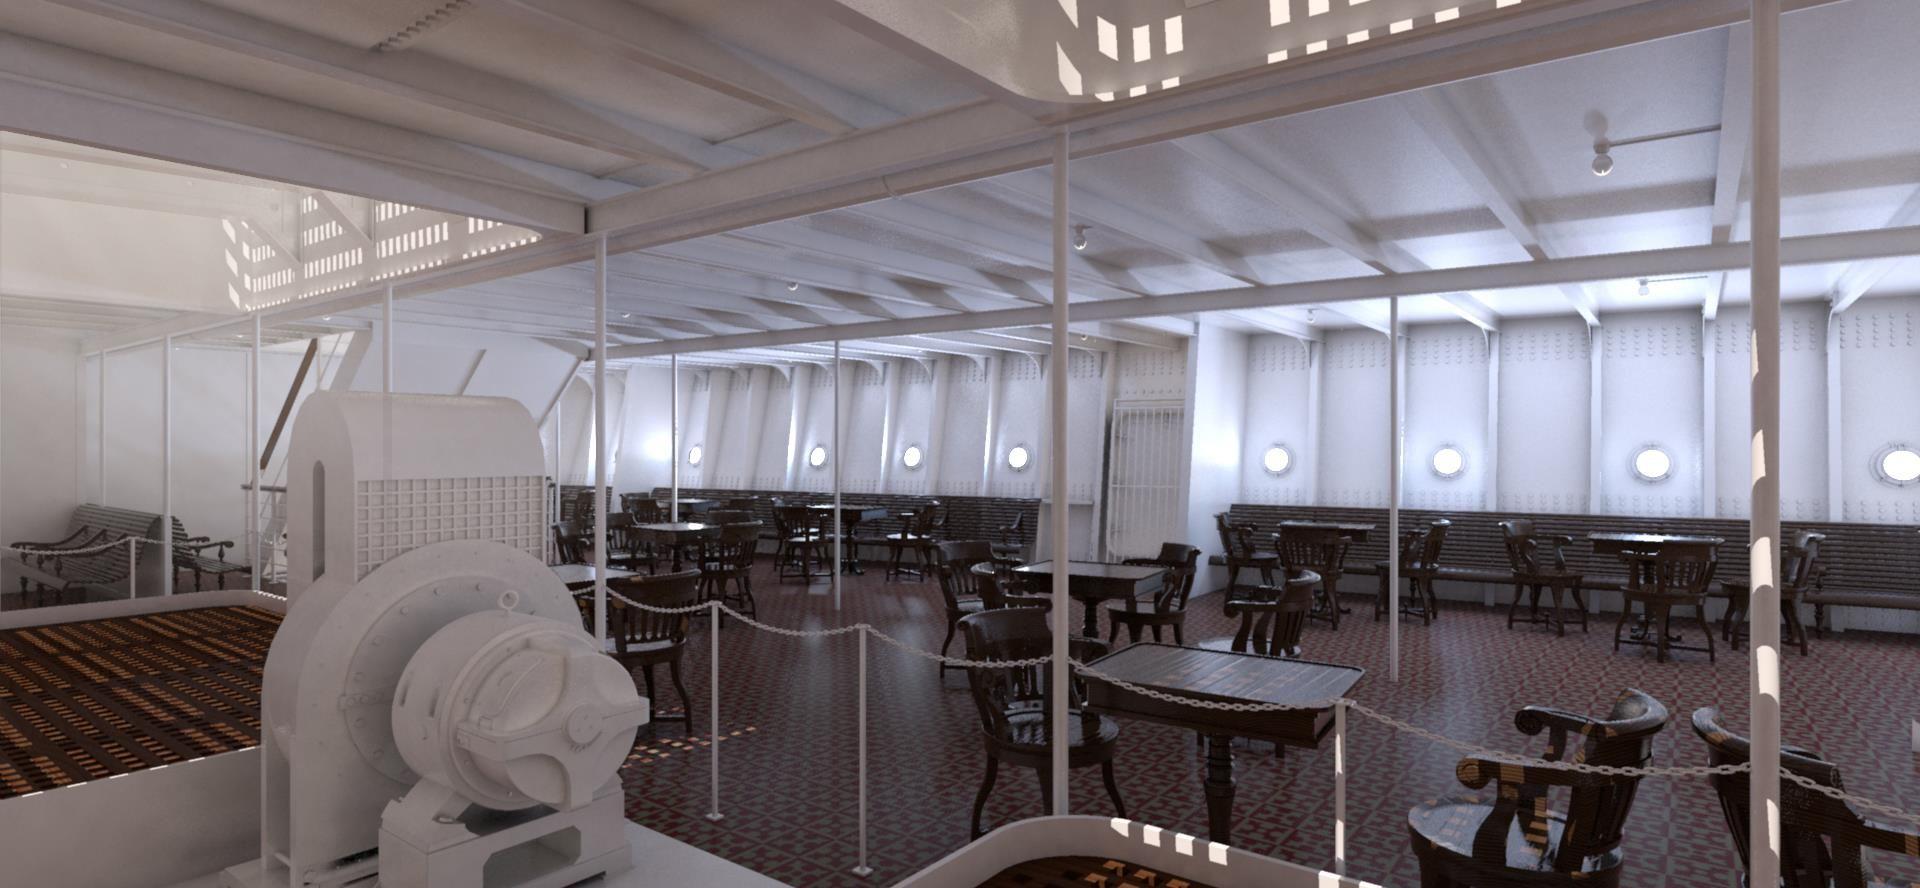 Third Class Open Space